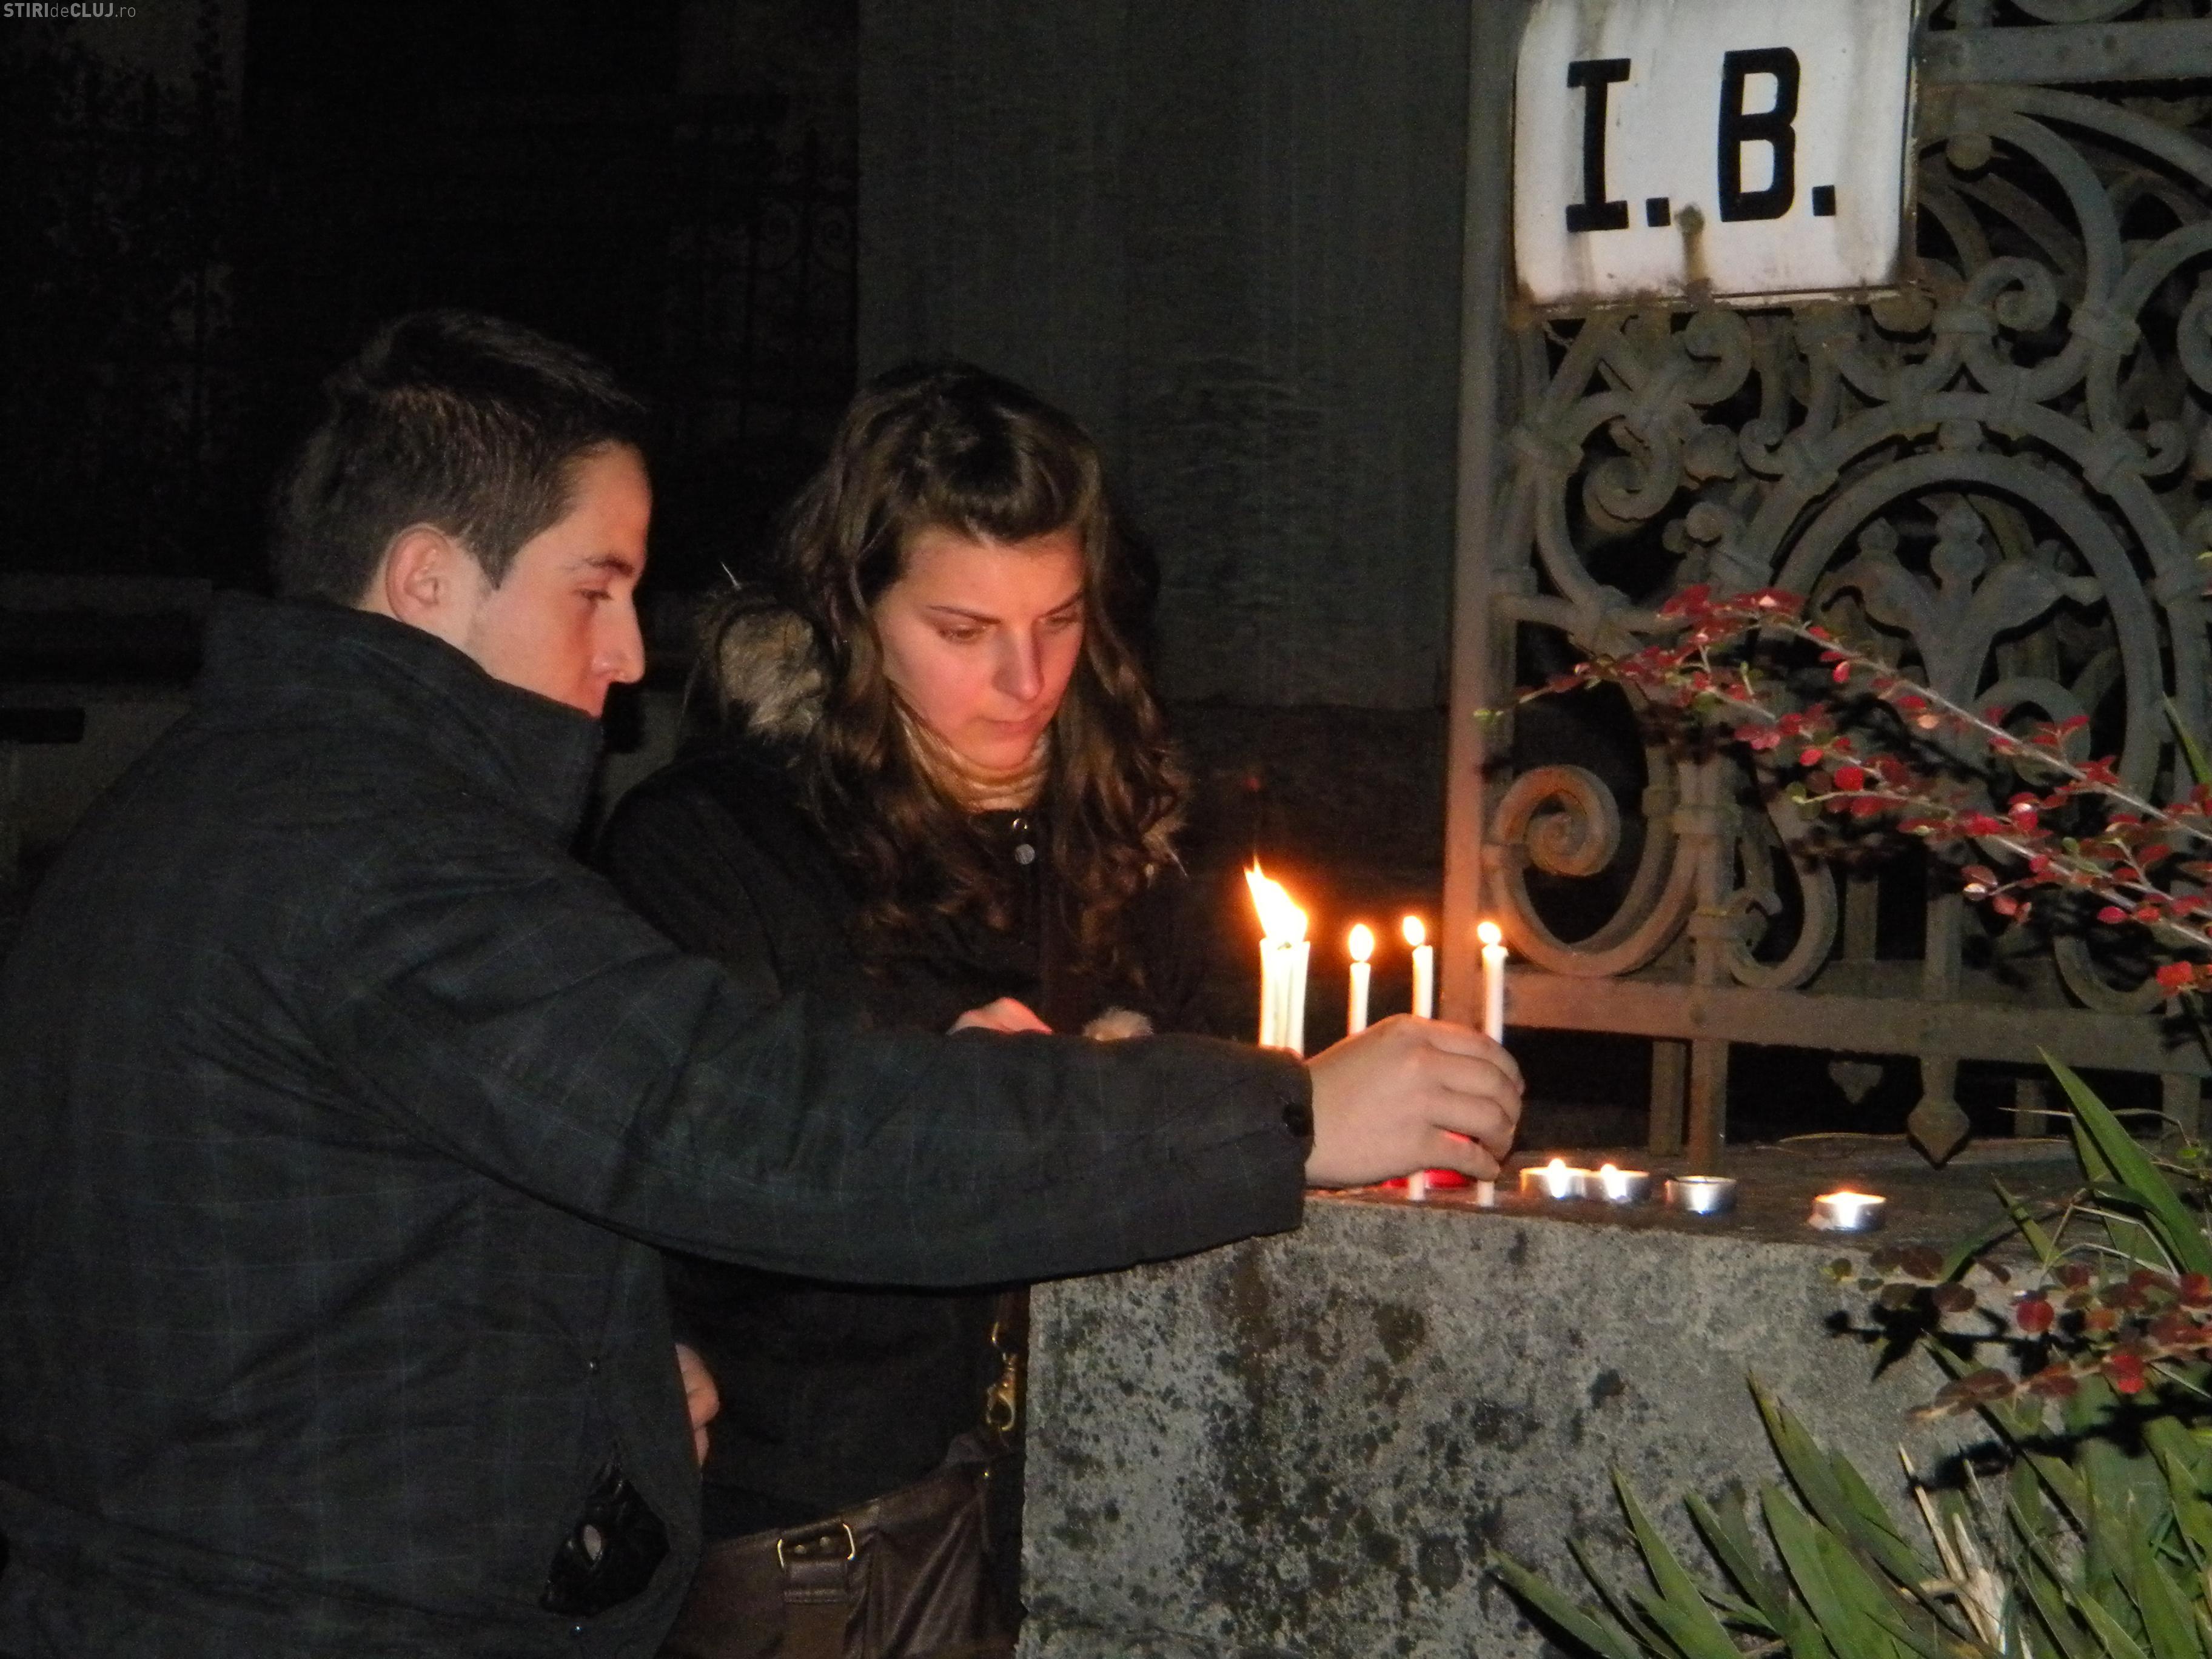 De unde pot fi cumpărate flori şi lumânări cu ocazia zilei de 1 noiembrie